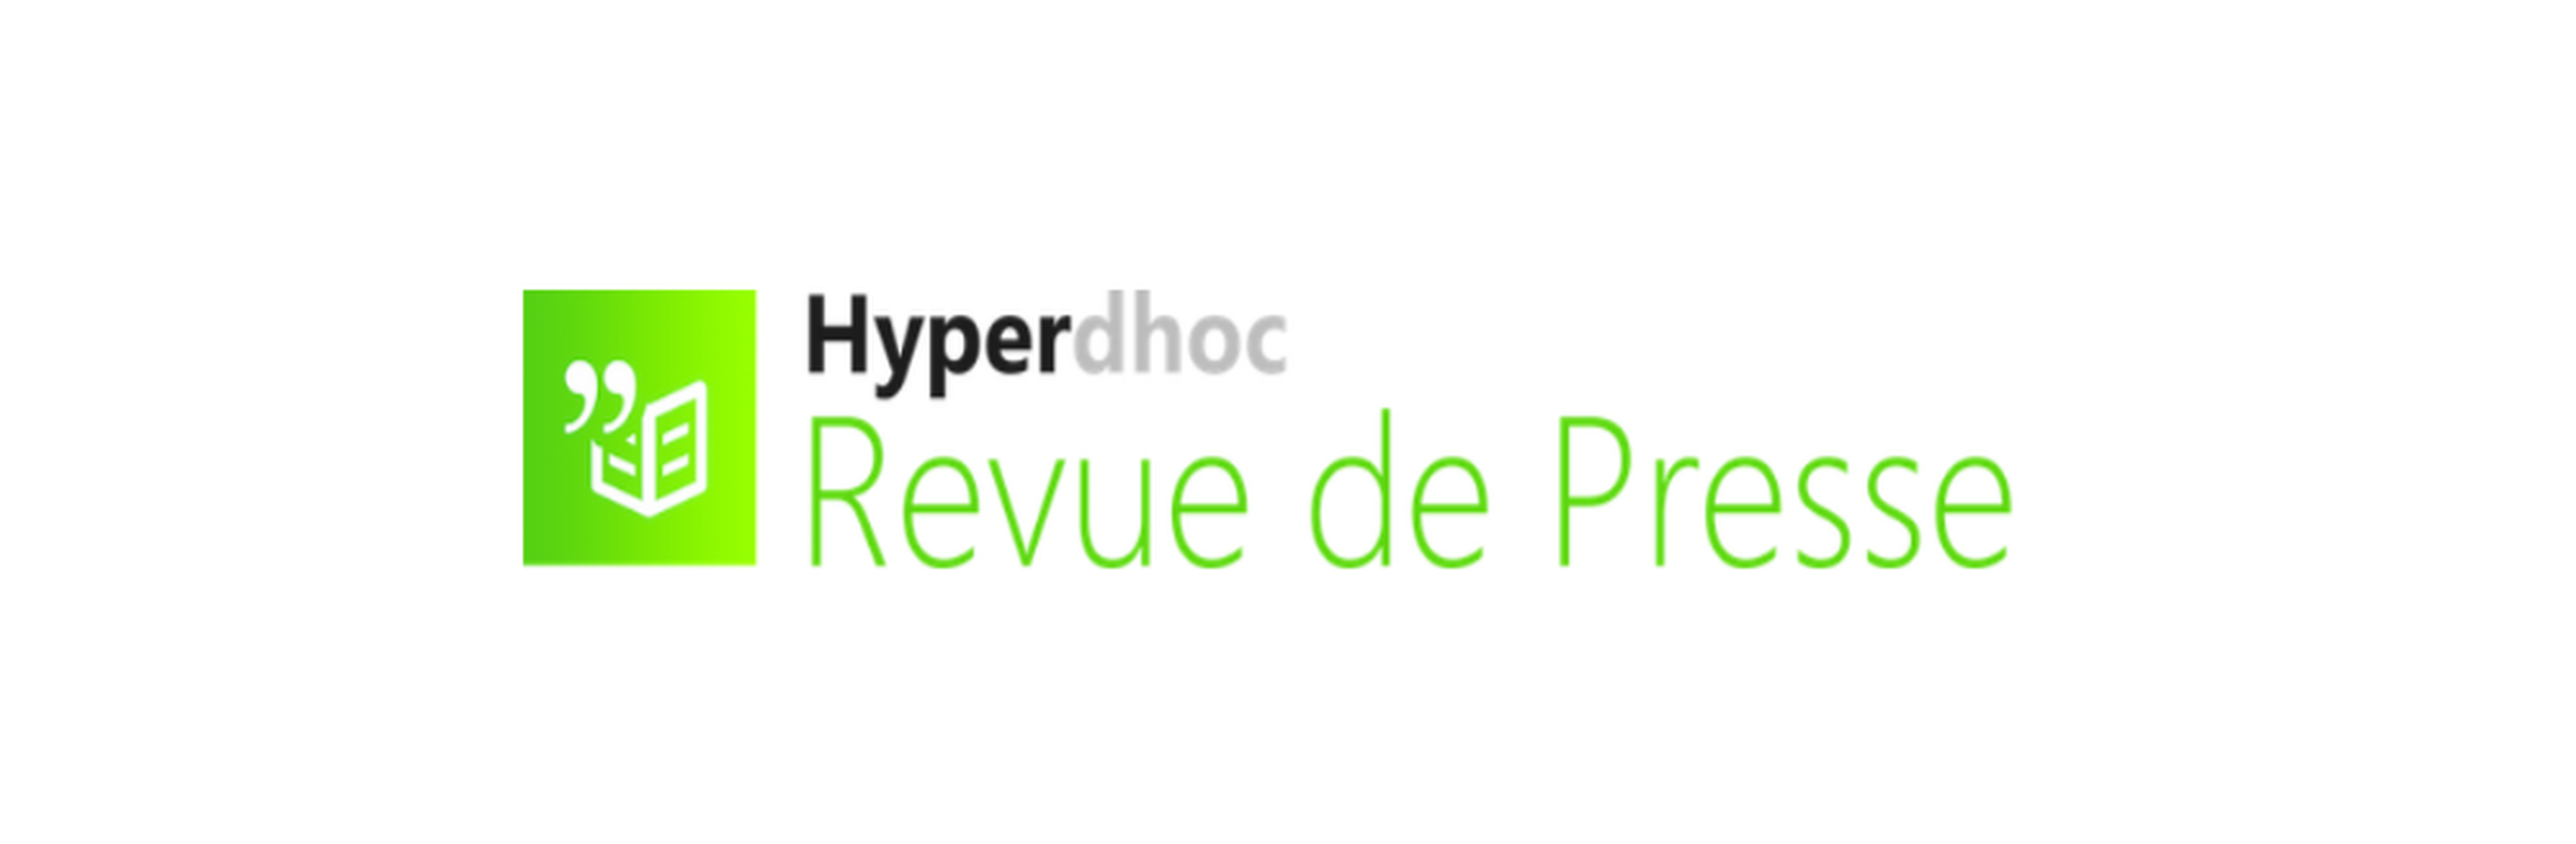 Avis Hyperdhoc Revue de Presse : Un logiciel de création et publication de revues de presse - appvizer